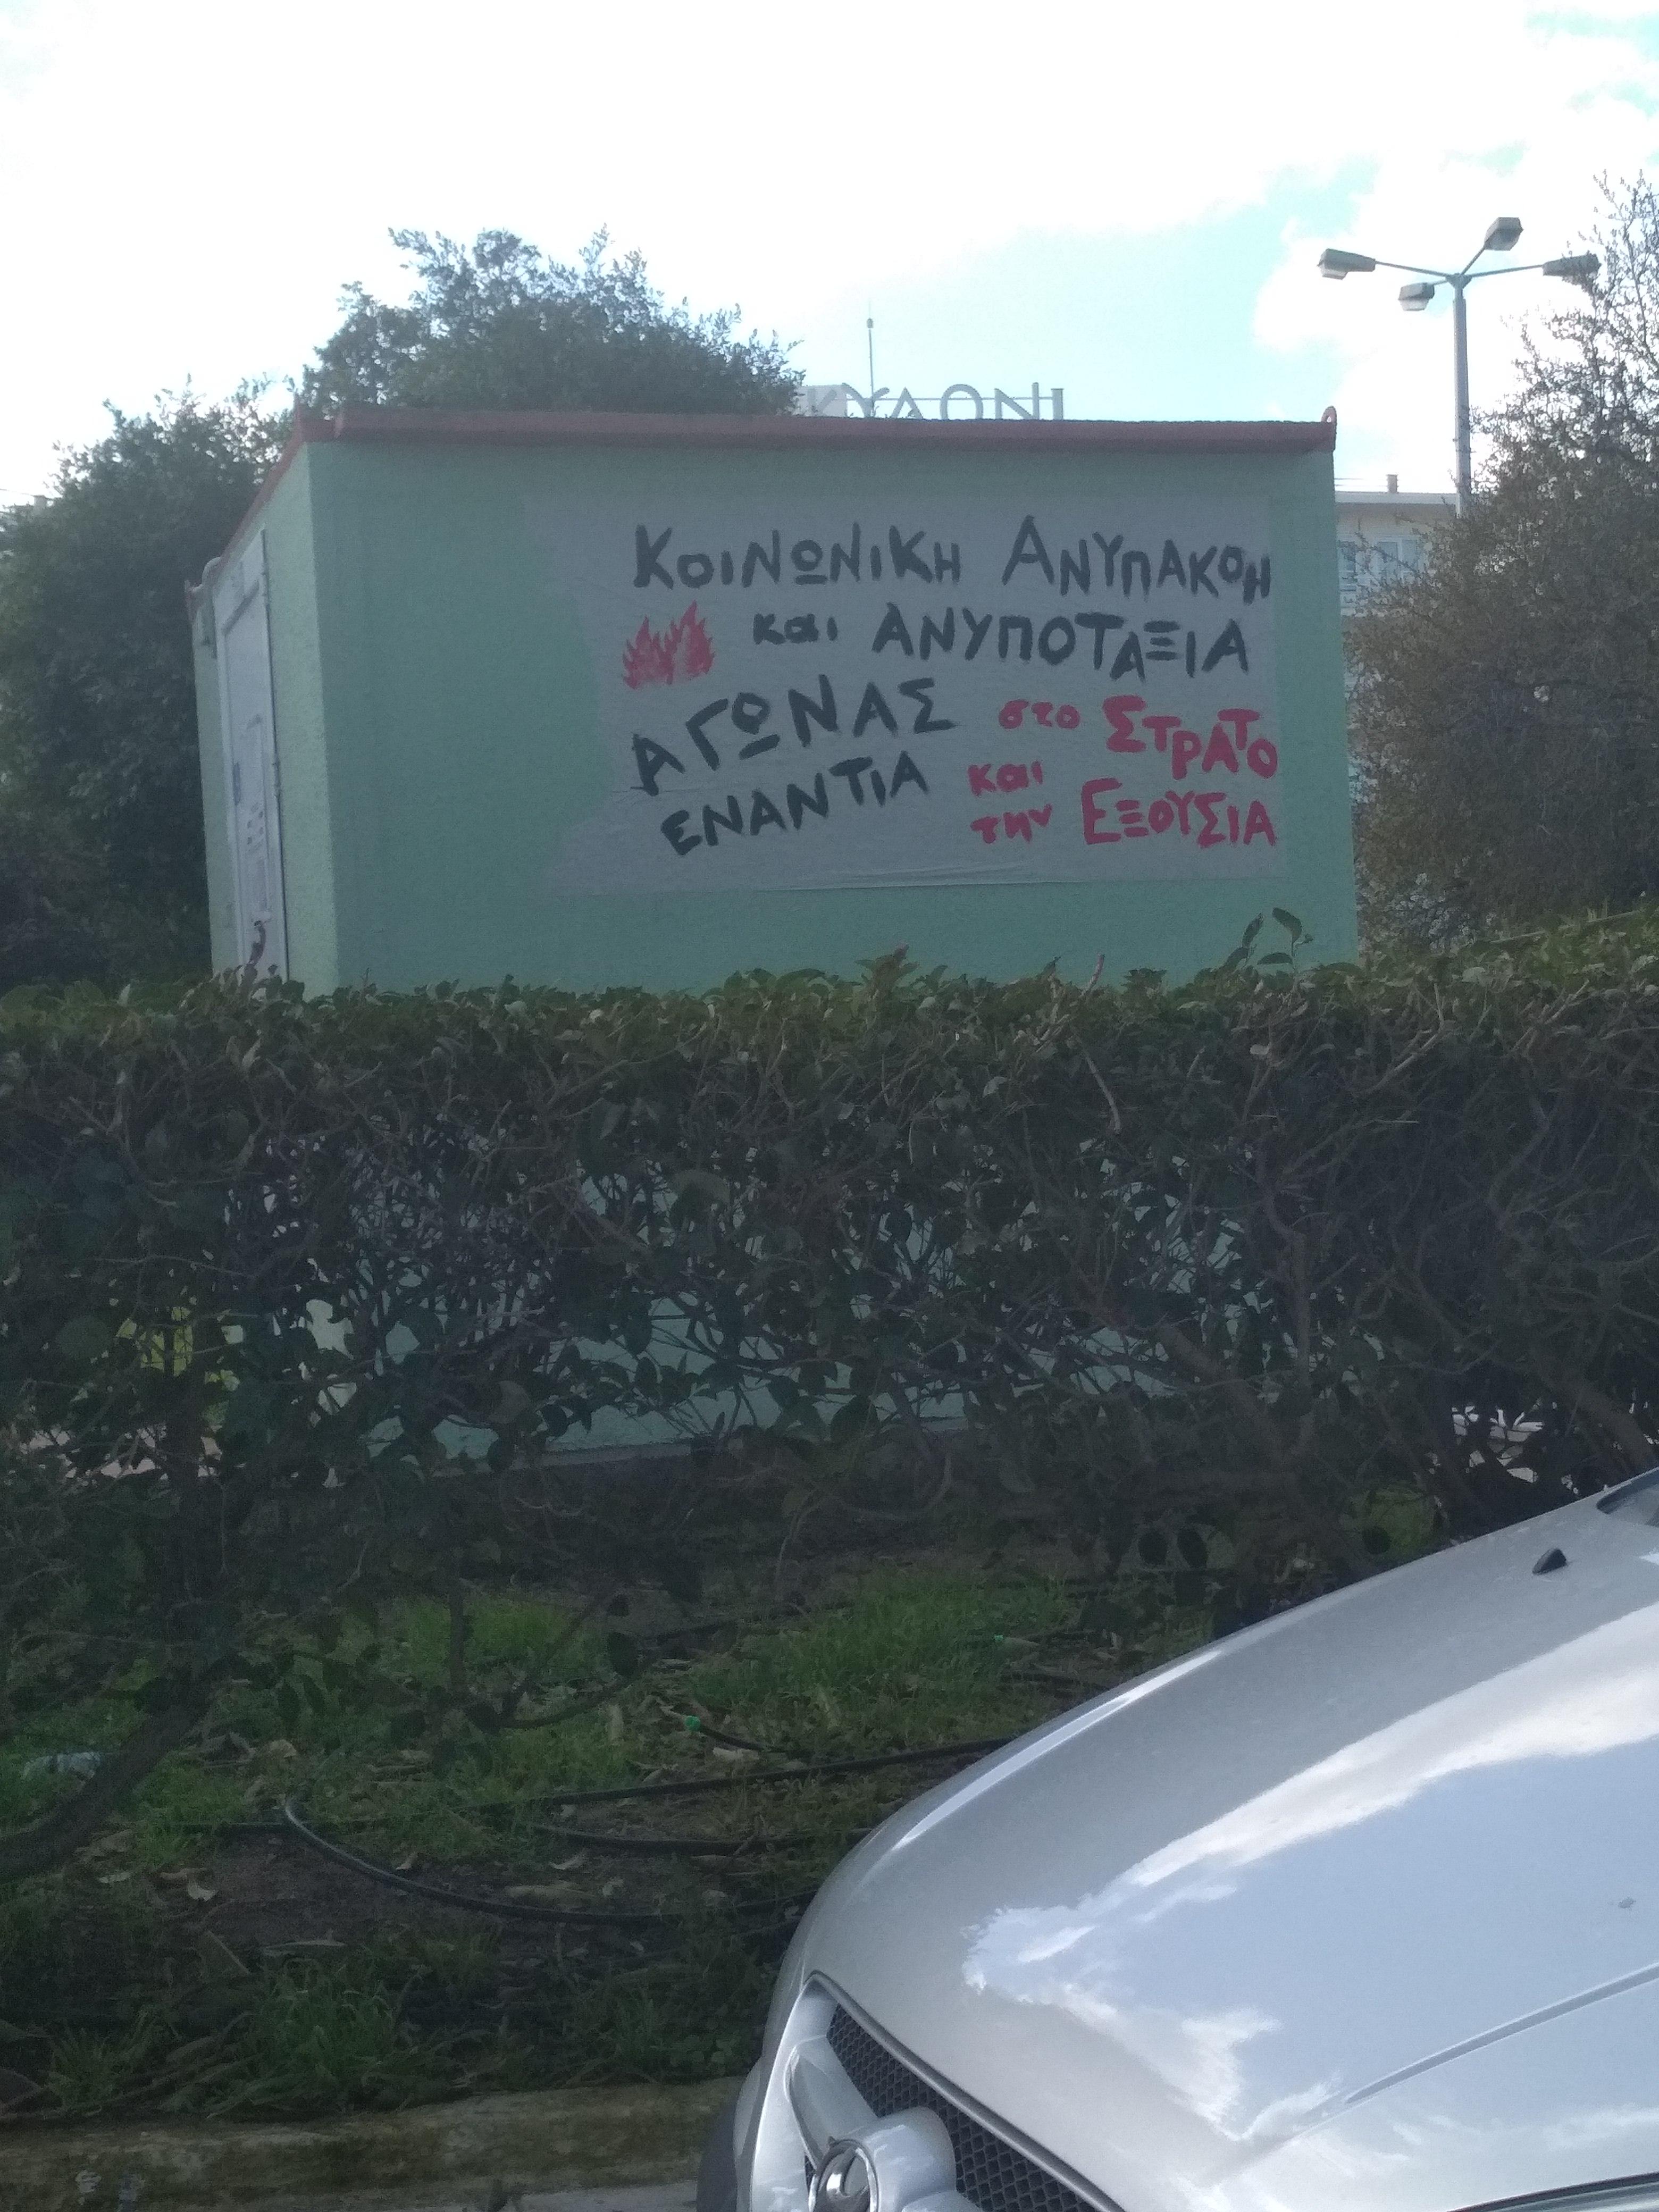 Χαρτοπανό στα Χανιά , σε αλληλεγγύη με τους ολικούς αρνητές στράτευσης- Αλληλεγγύη στον Μπάμπη Τσιλιανίδη